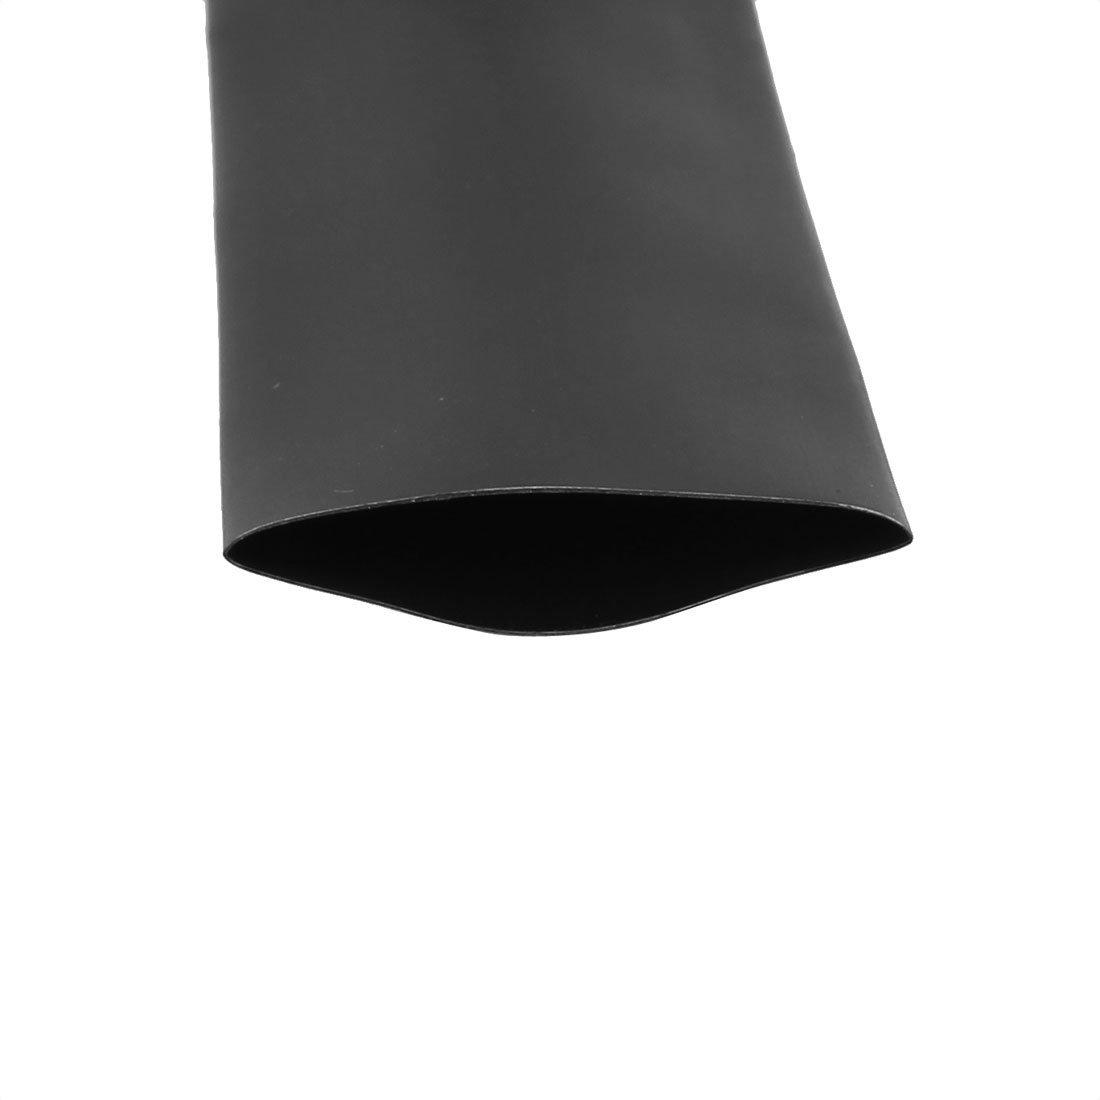 1/Gaine thermor/étractable Tuyau Sleeving Wire C/âble Noir 2/m Longueur Deal Mux 25/mm de diam/ètre 2